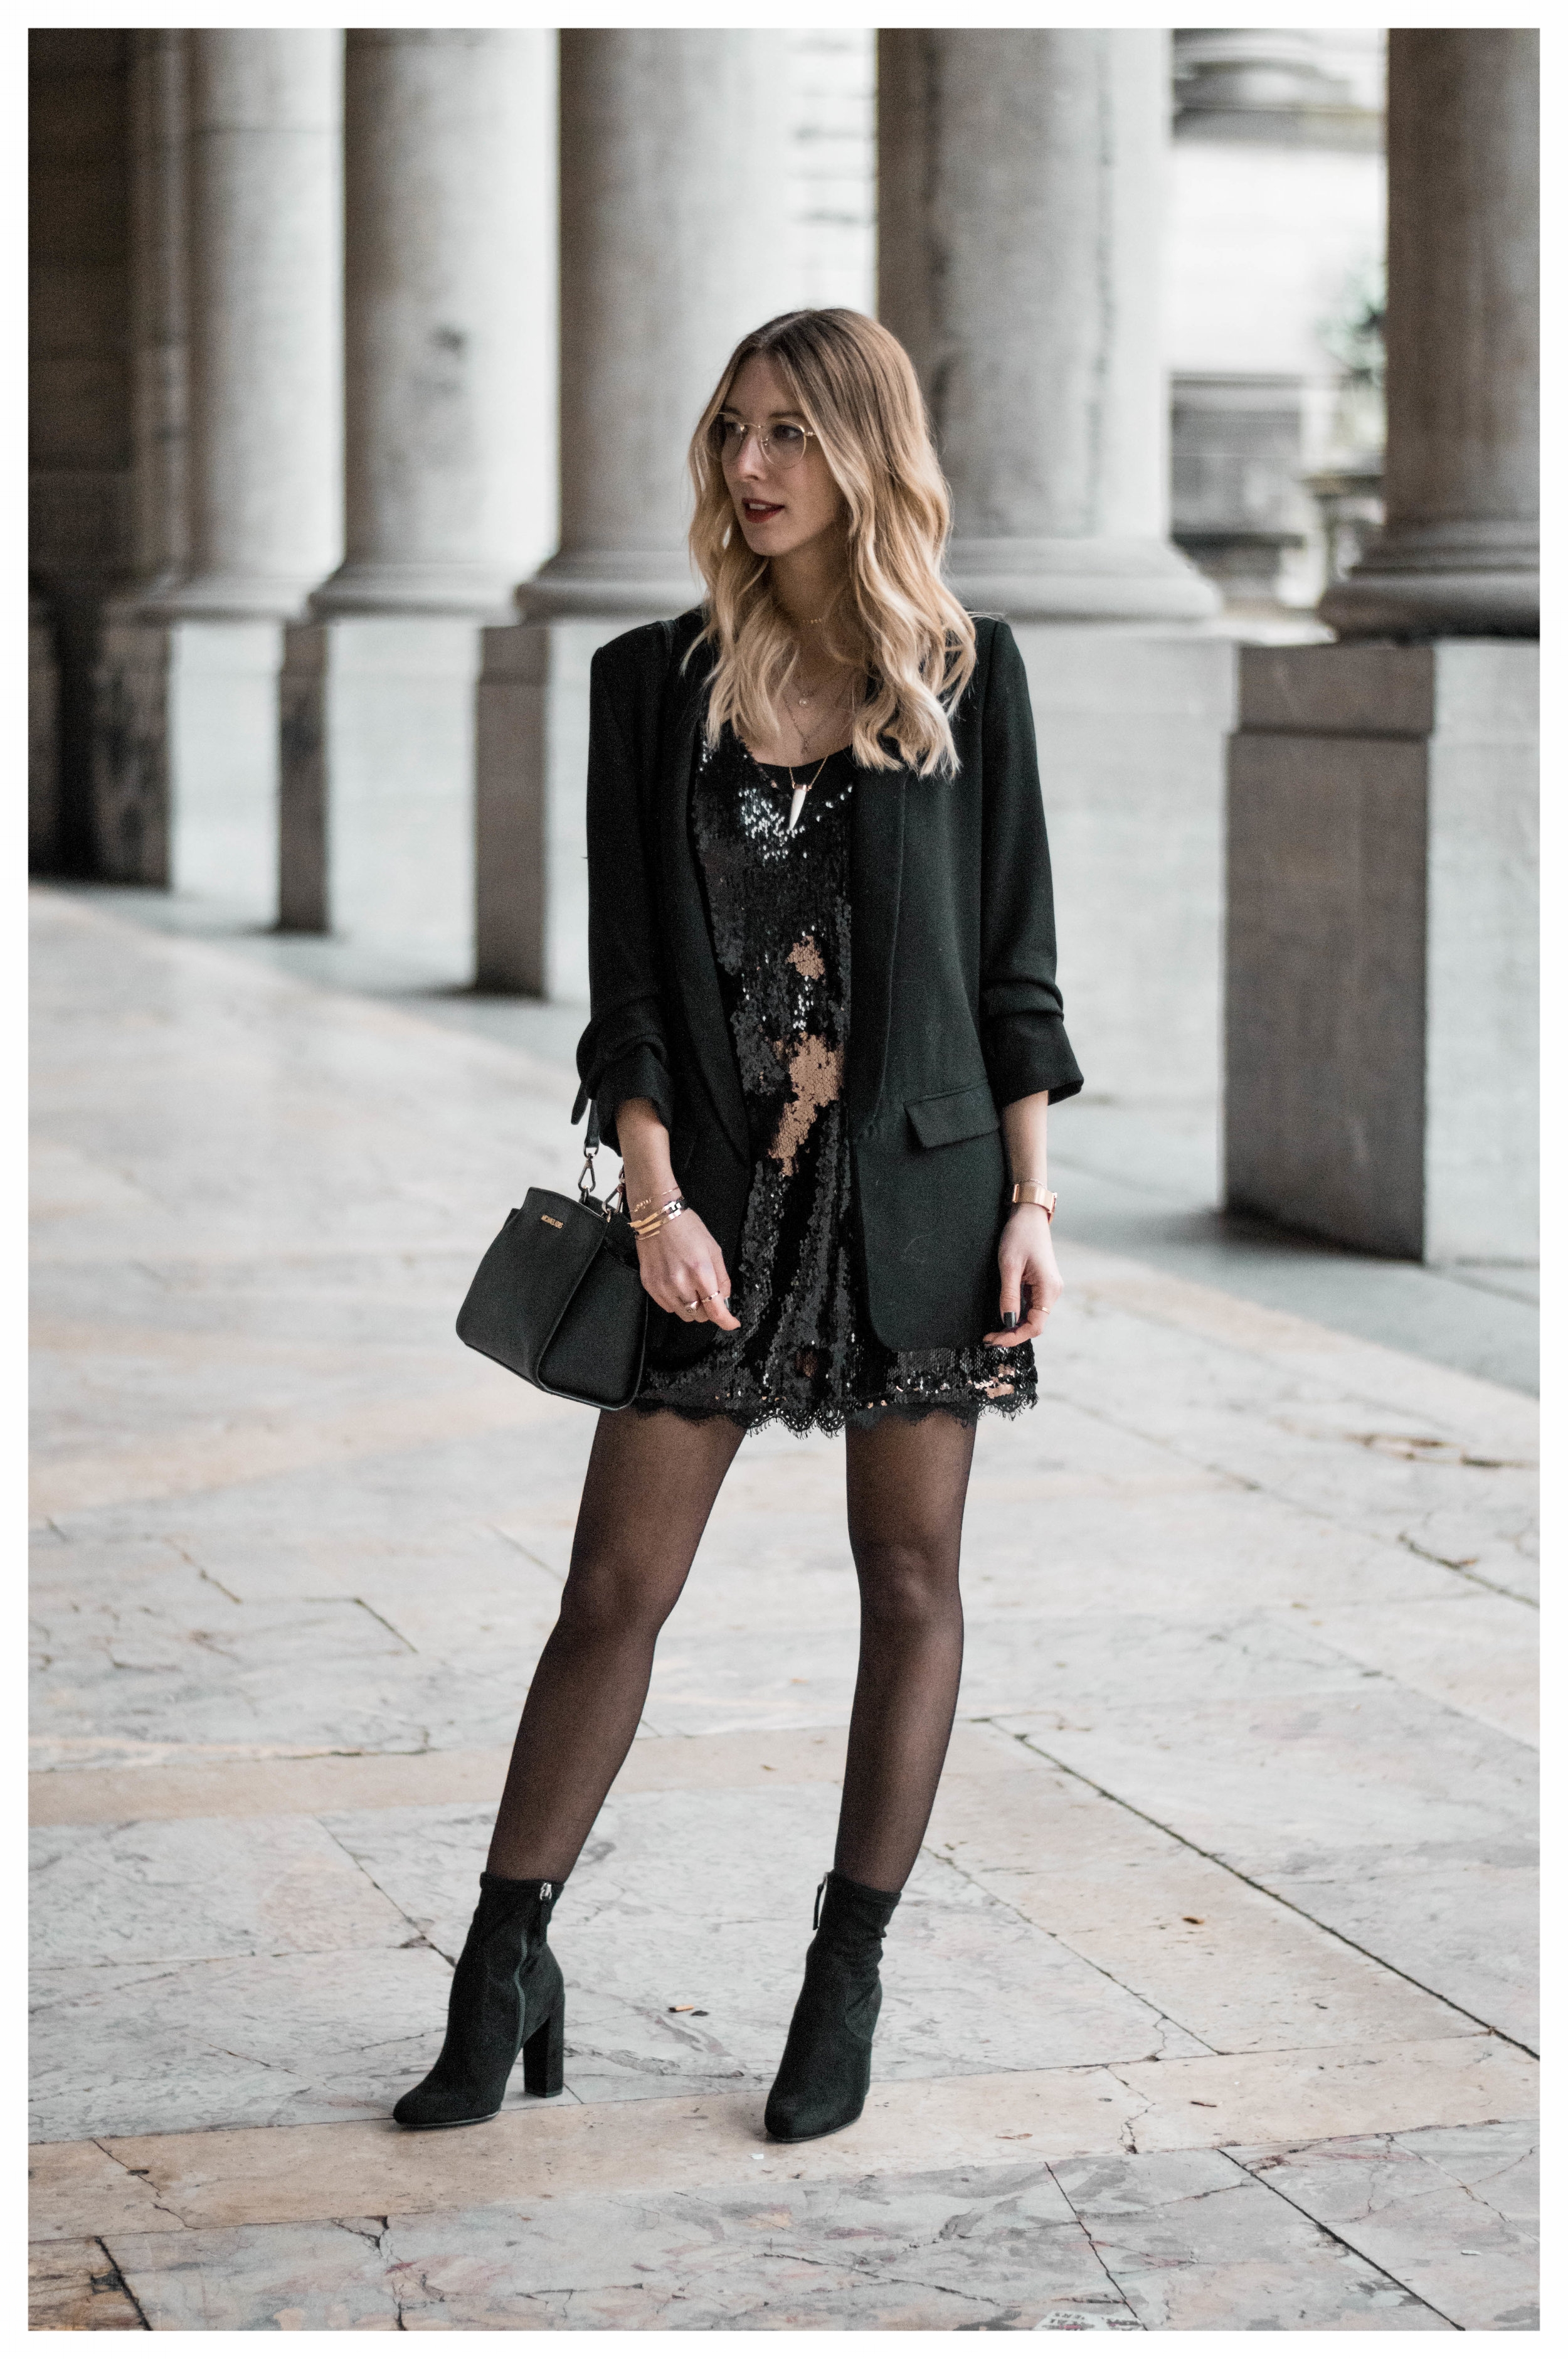 Party Dress Zalando - OSIARAH.COM (18 sur 41).jpg